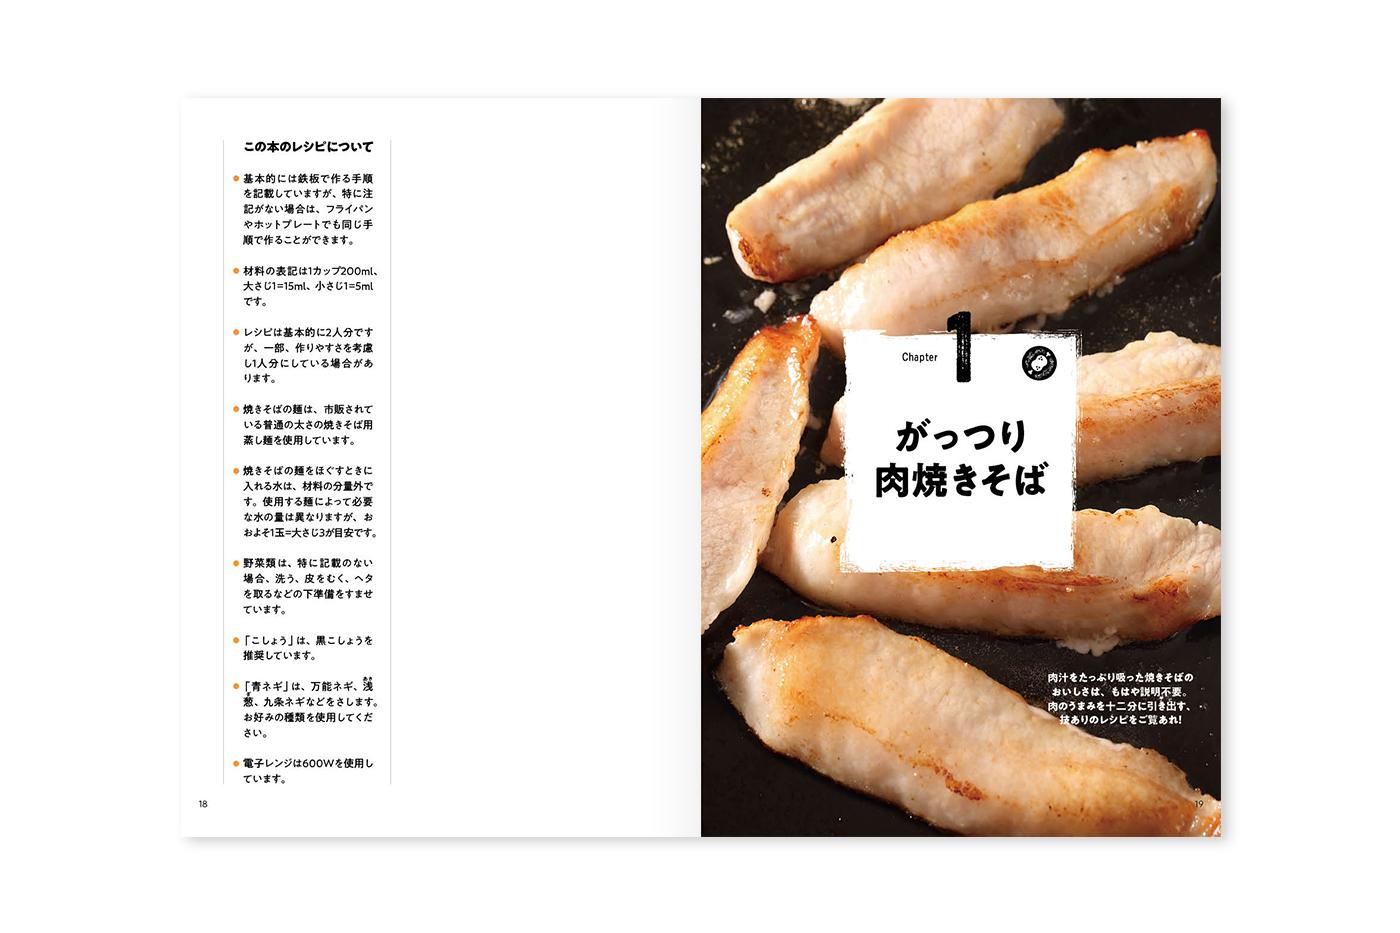 yakisoba_3